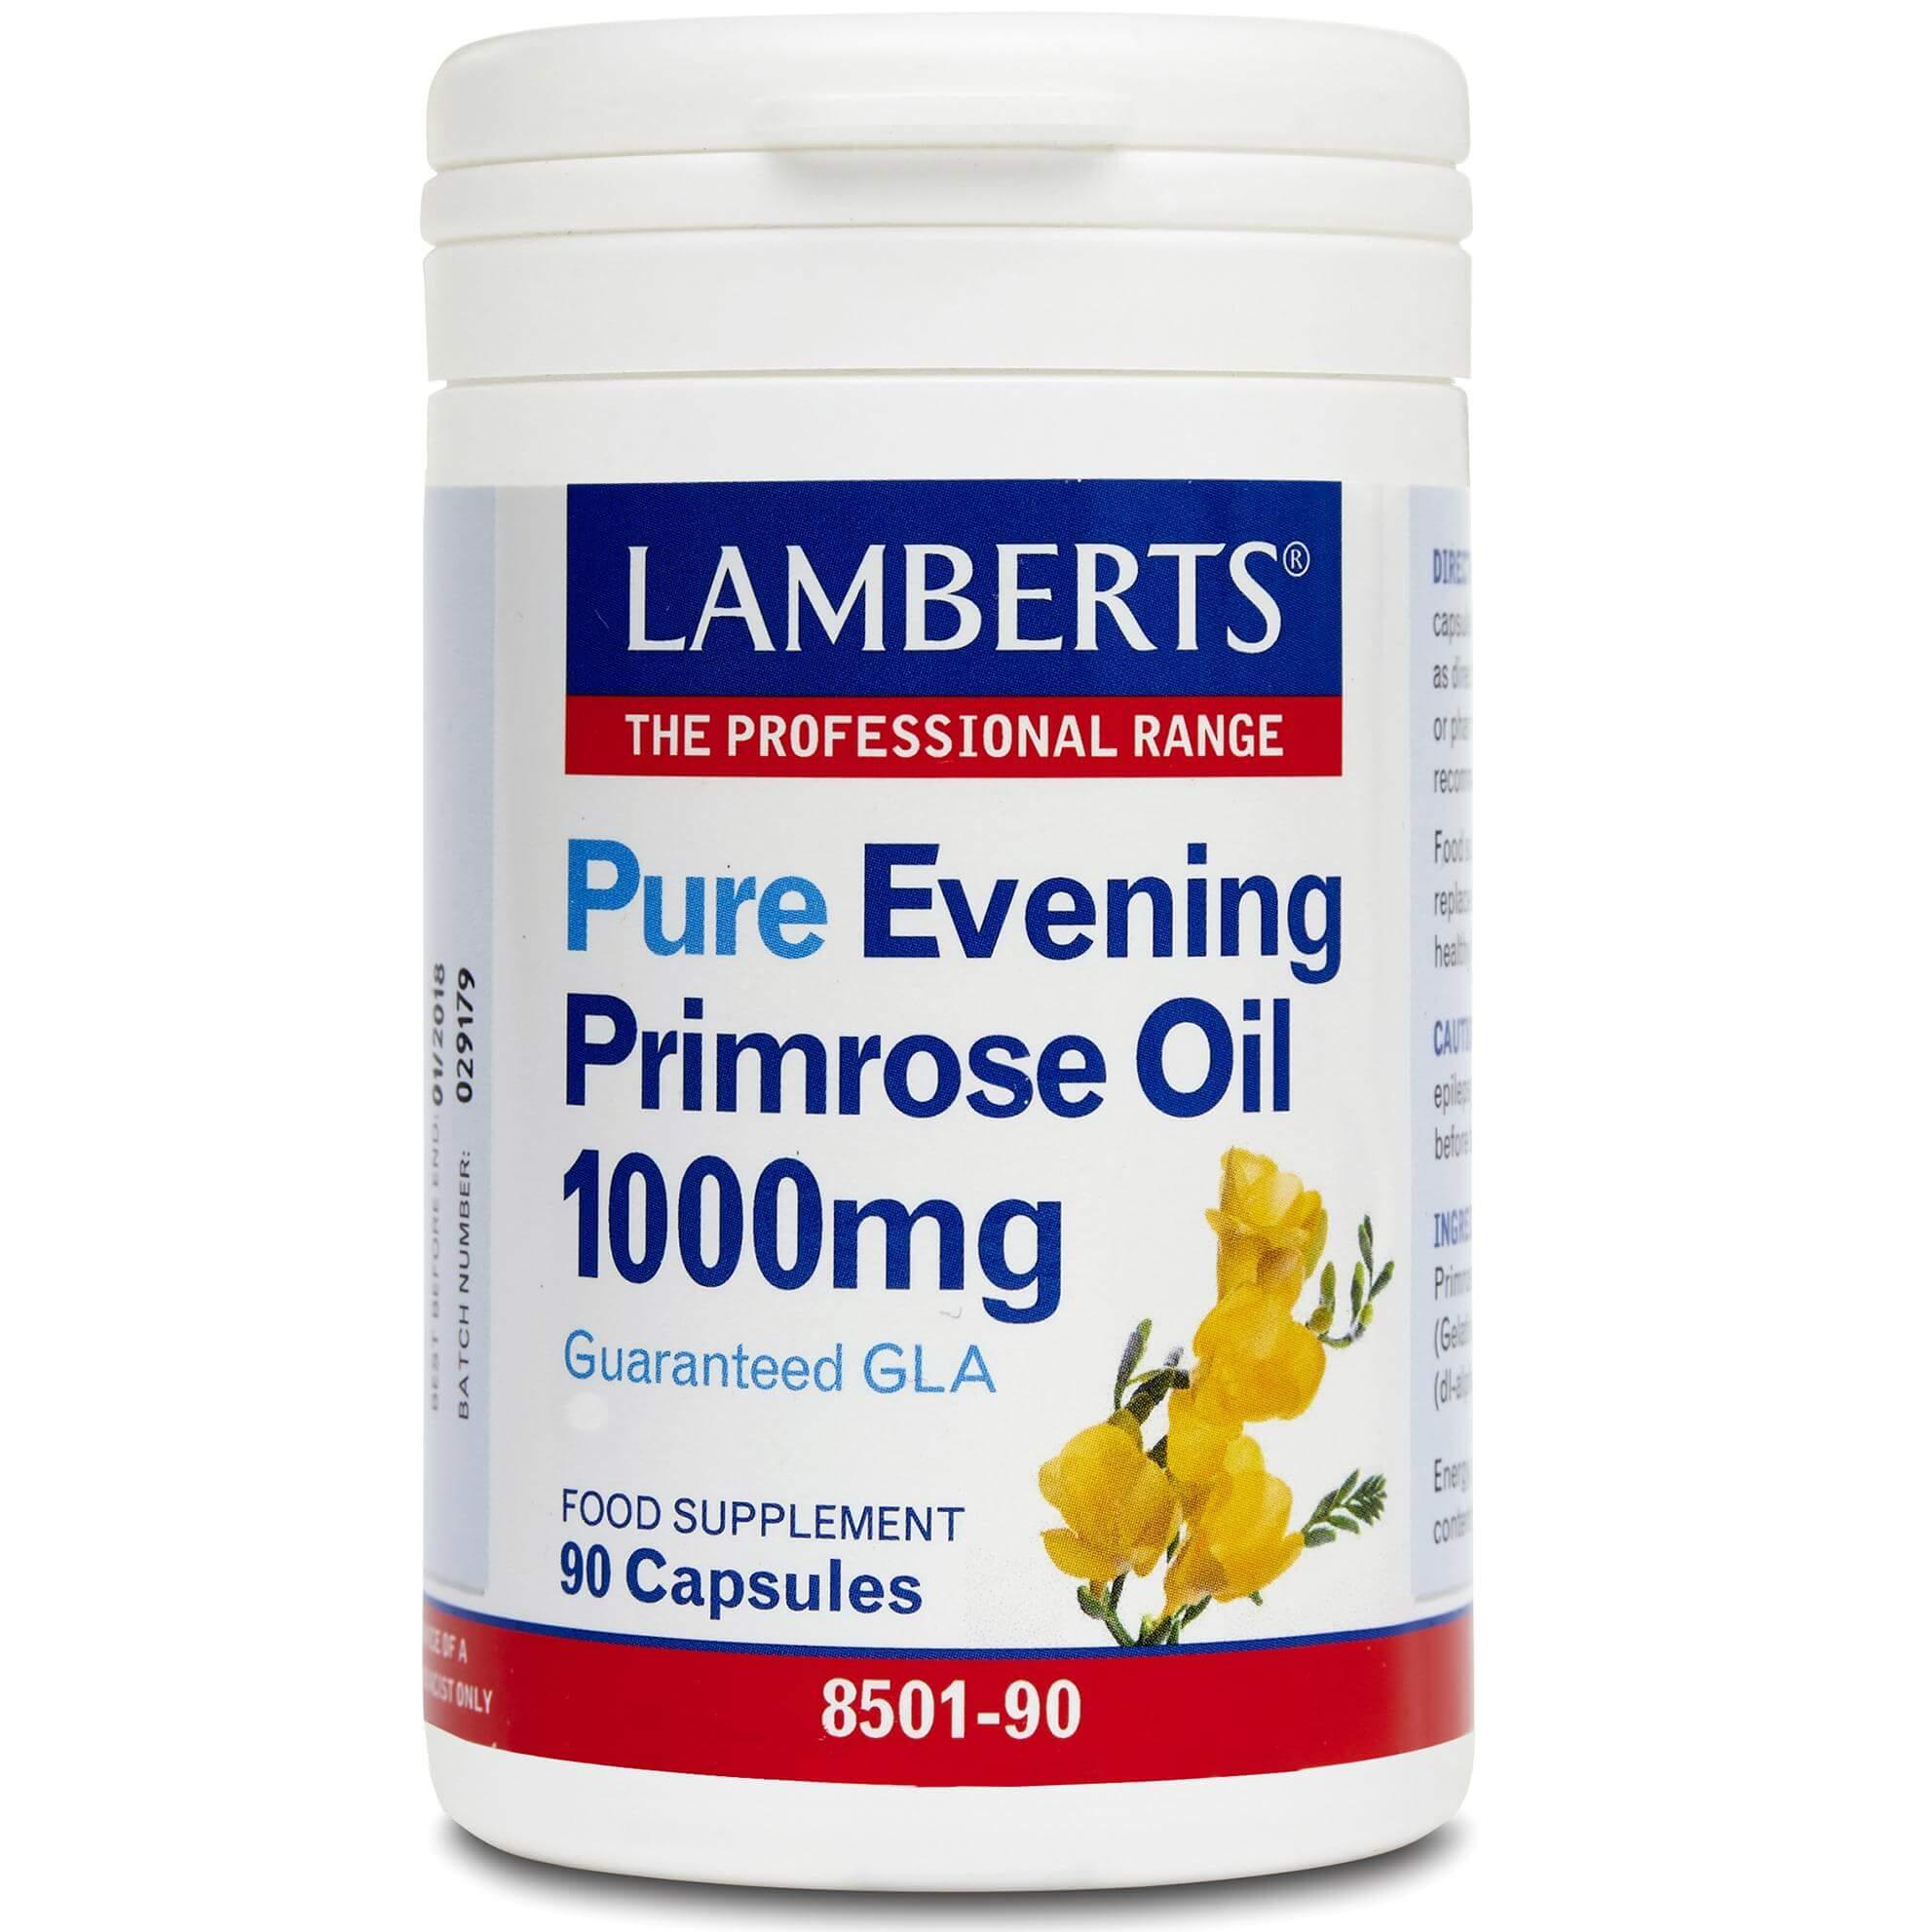 Lamberts Pure Evening Primrose Oil Συπλήρωμα ΔιατροφήςΈλαιου Νυχτολούλουδου γιαΣωστή Λειτουργεία του Οργανισμού1000mg 90tabs